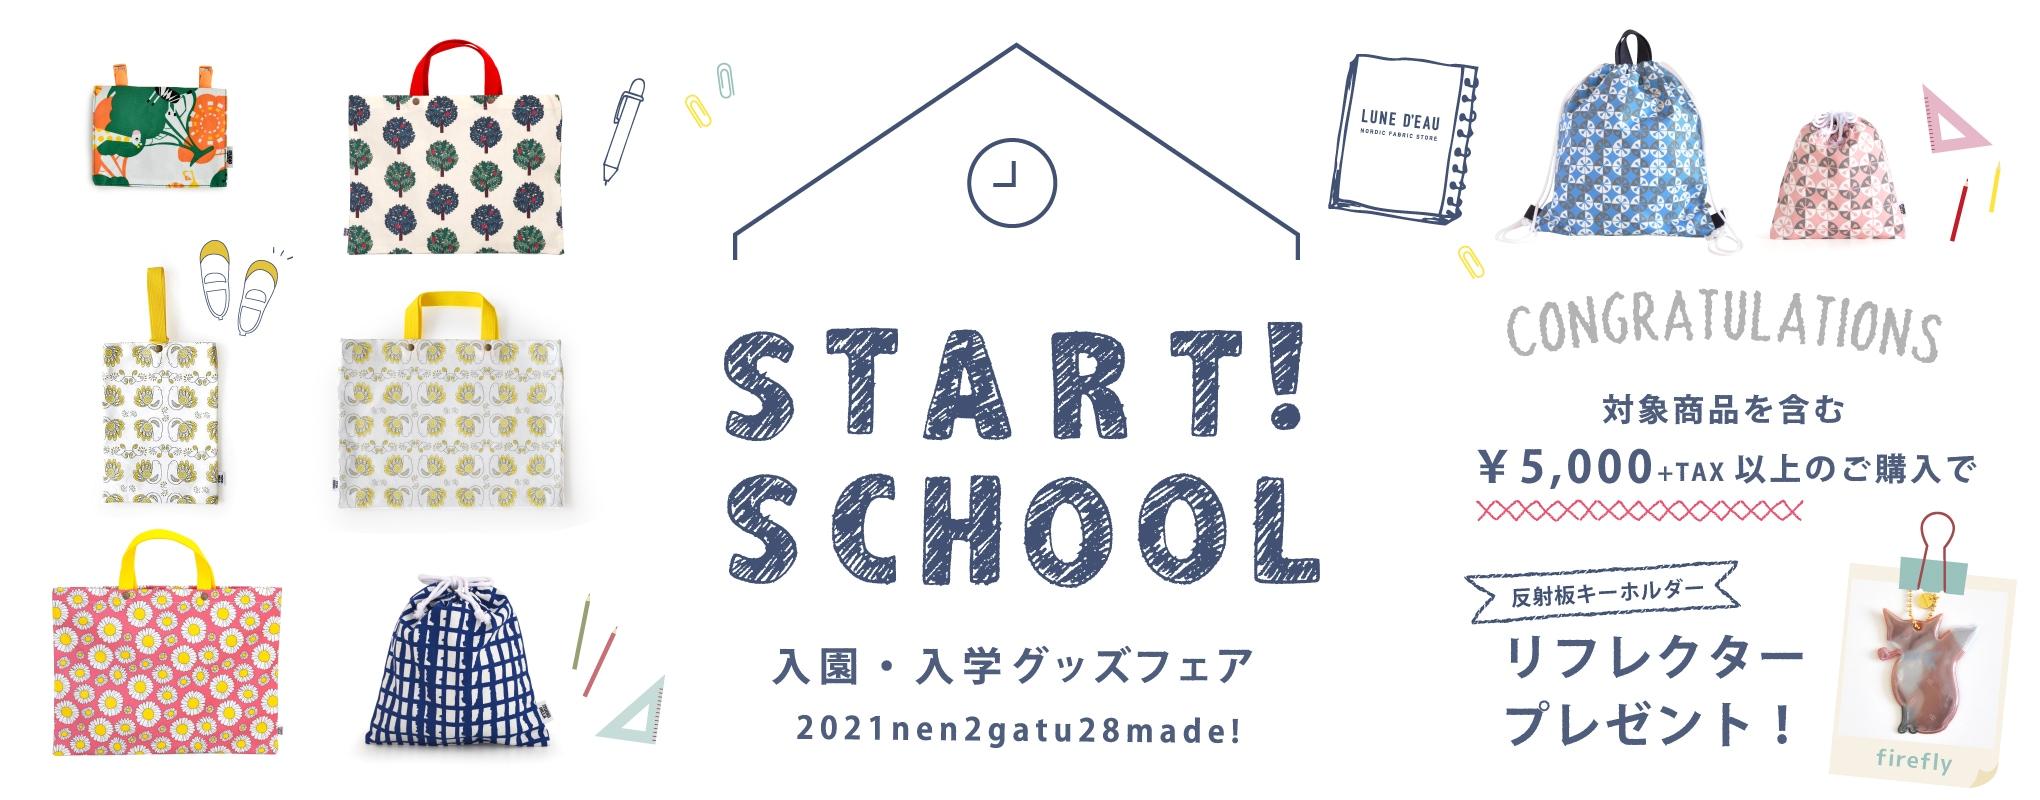 入園入学フェア